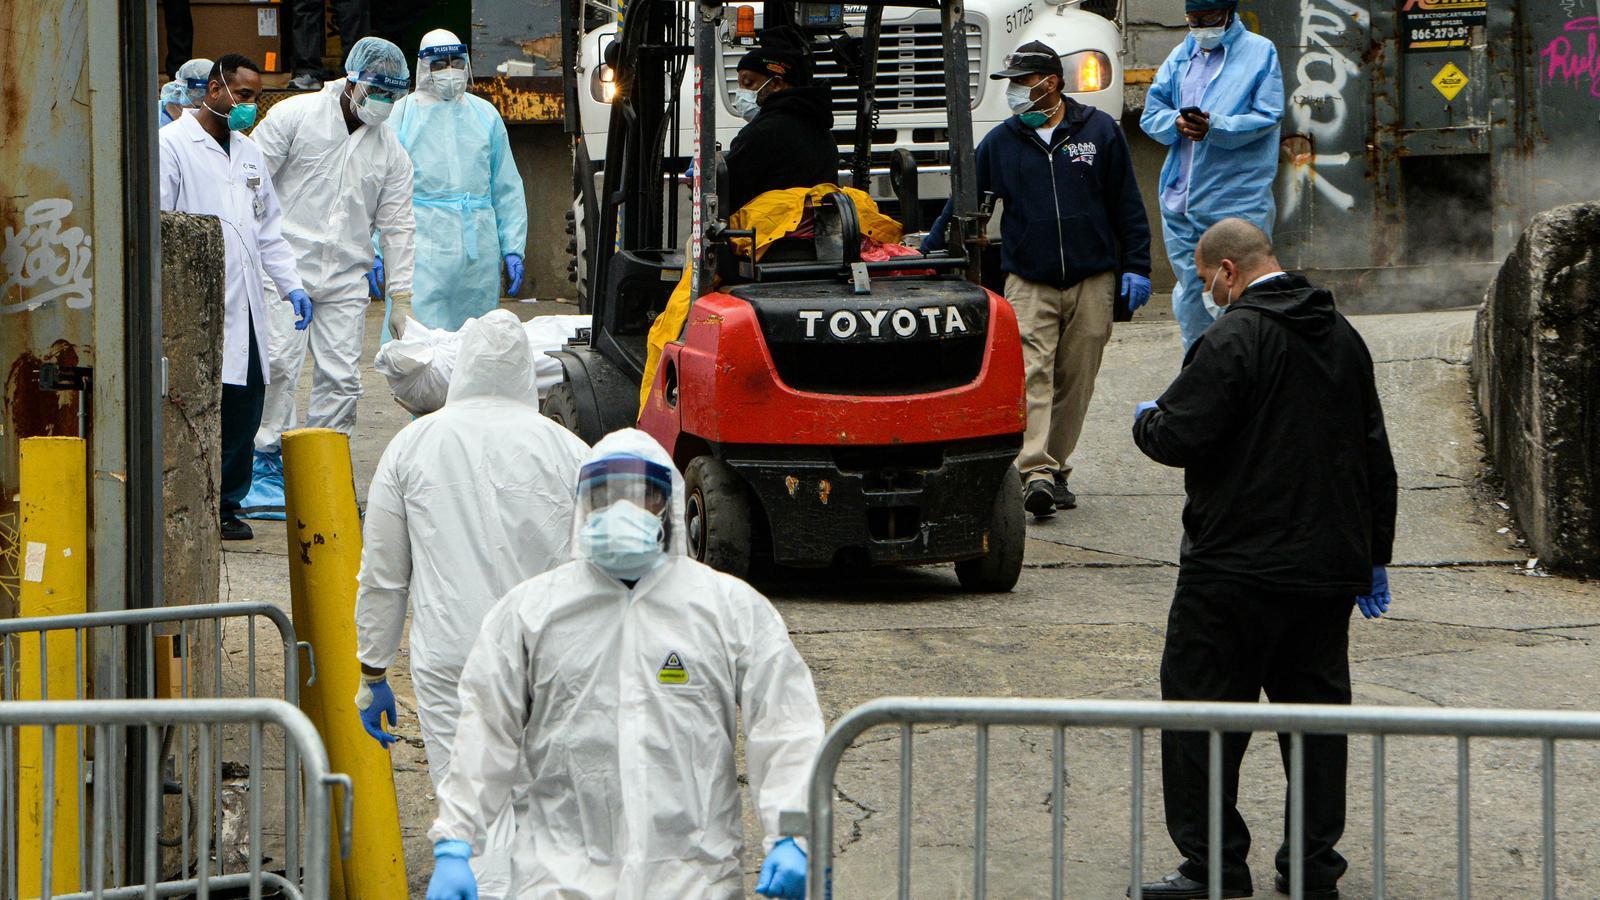 Un operari trasllada cossos sense vida de pacients a un camió frigorífic al Brooklyn Hospital Center de Nova York